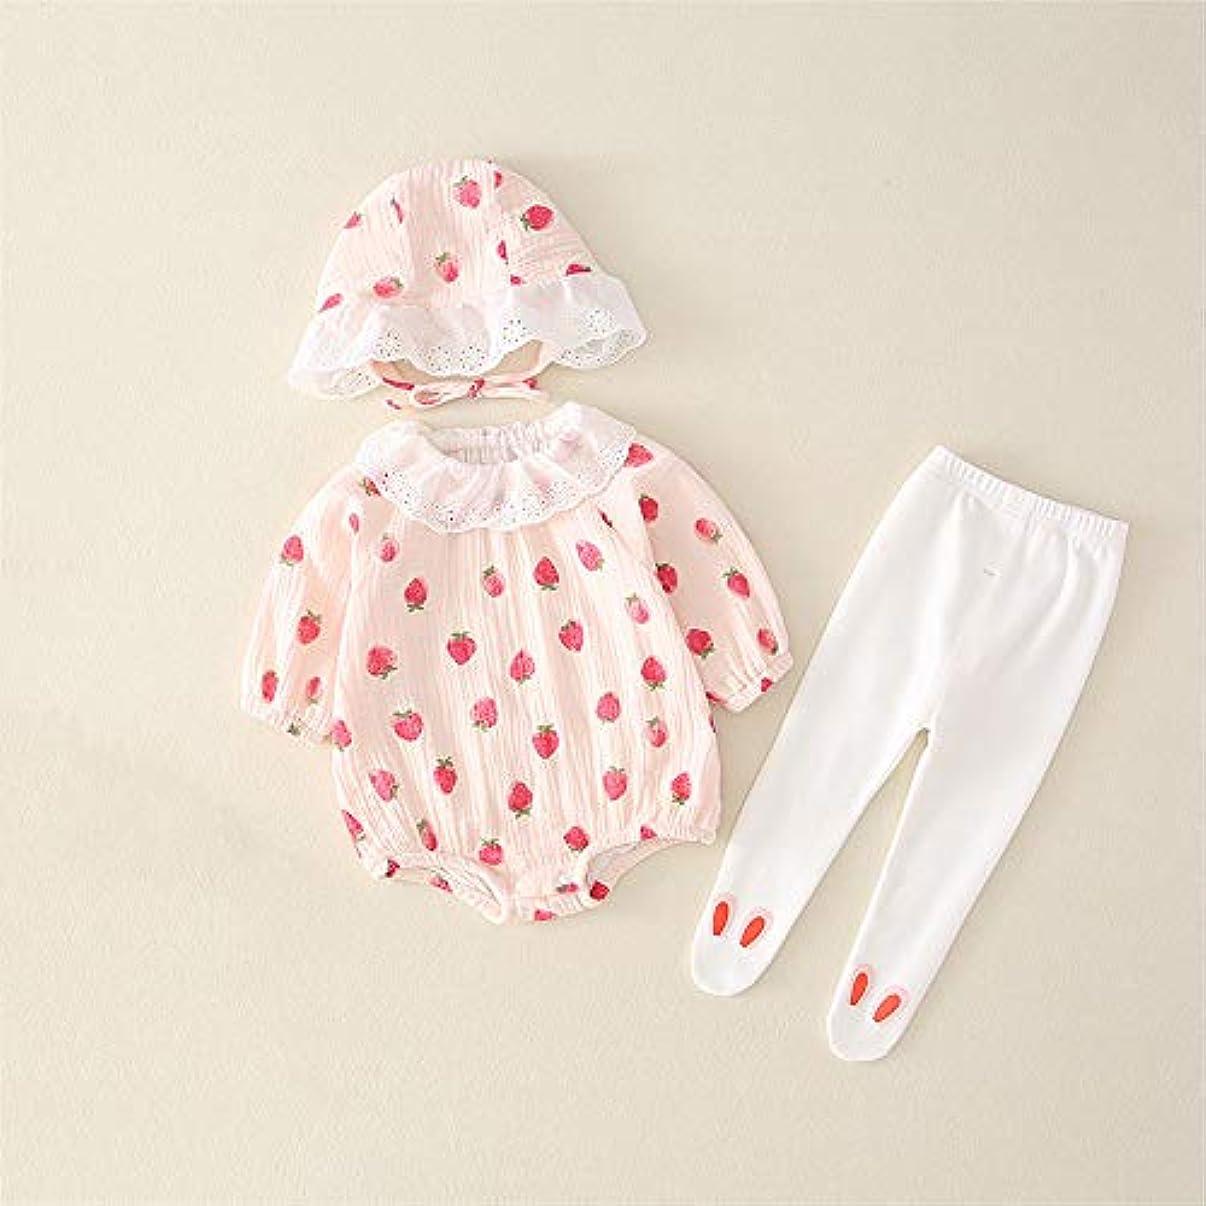 欠点現れる無視女の子服、女の赤ちゃんのために三点セットソフト肌にやさしい、と女の子のためのドレスアップ服,ピンク,66cm(25.9in)